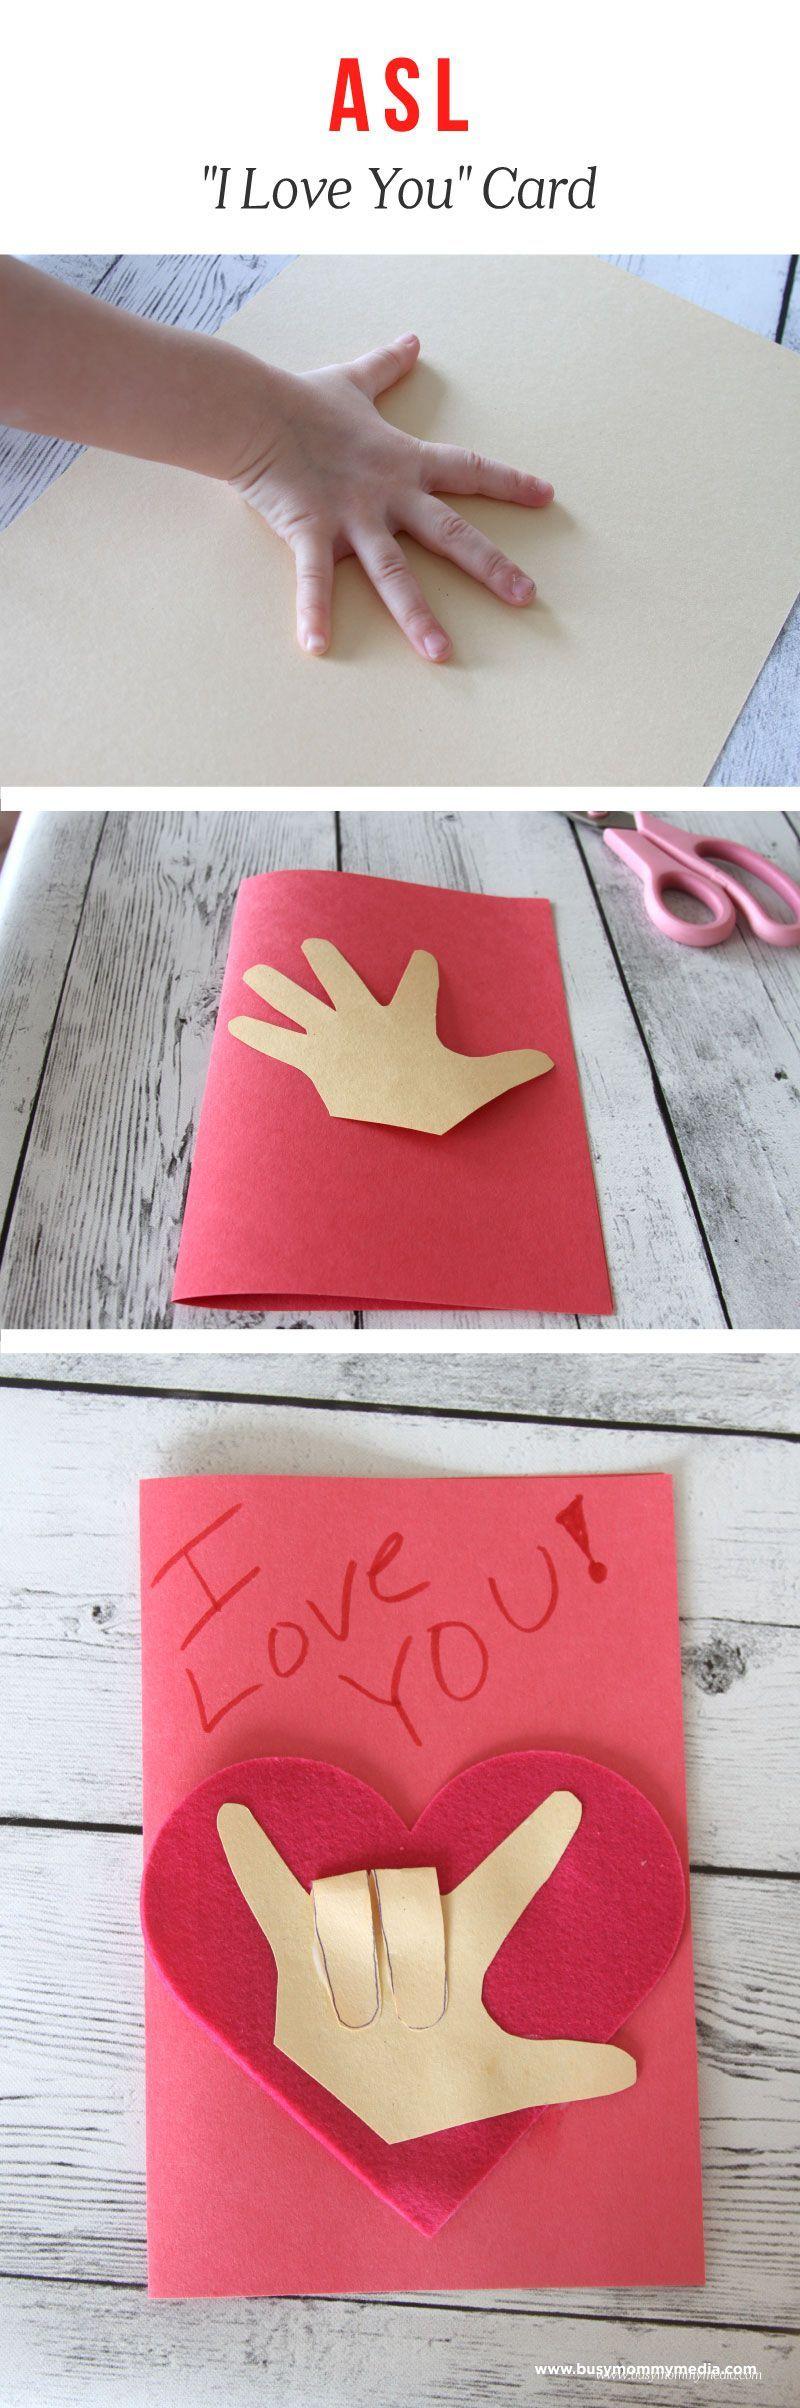 Asl craft for kids